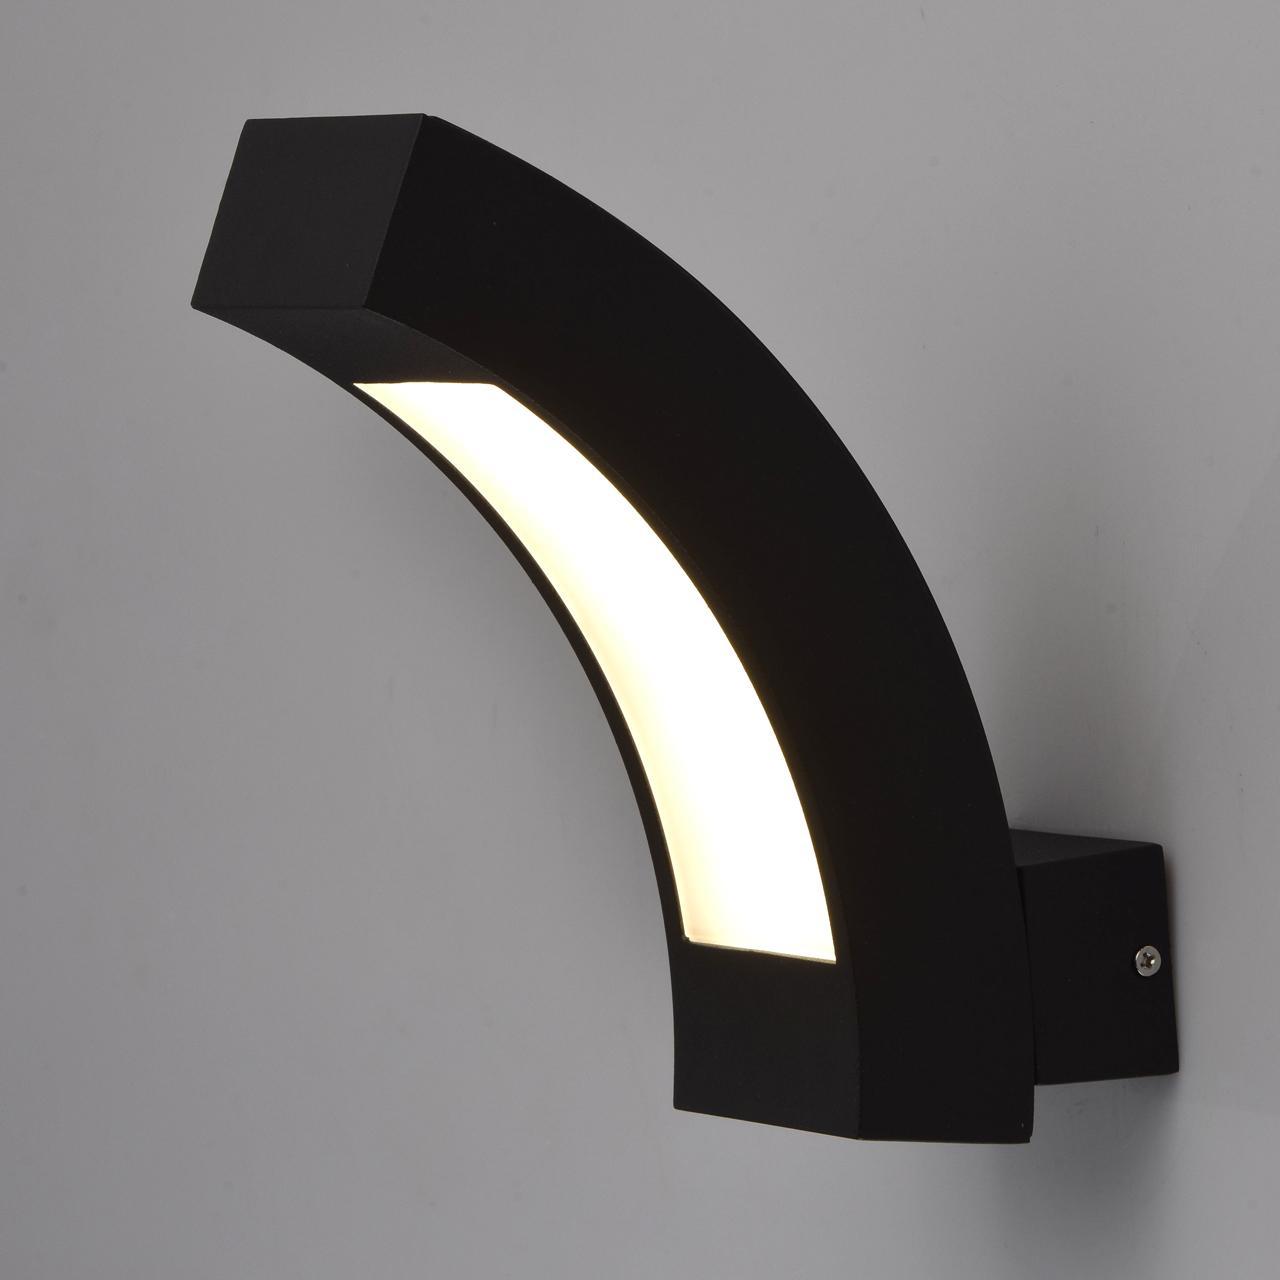 цена на Уличный настенный светодиодный светильник De Markt Уран 1 803021001